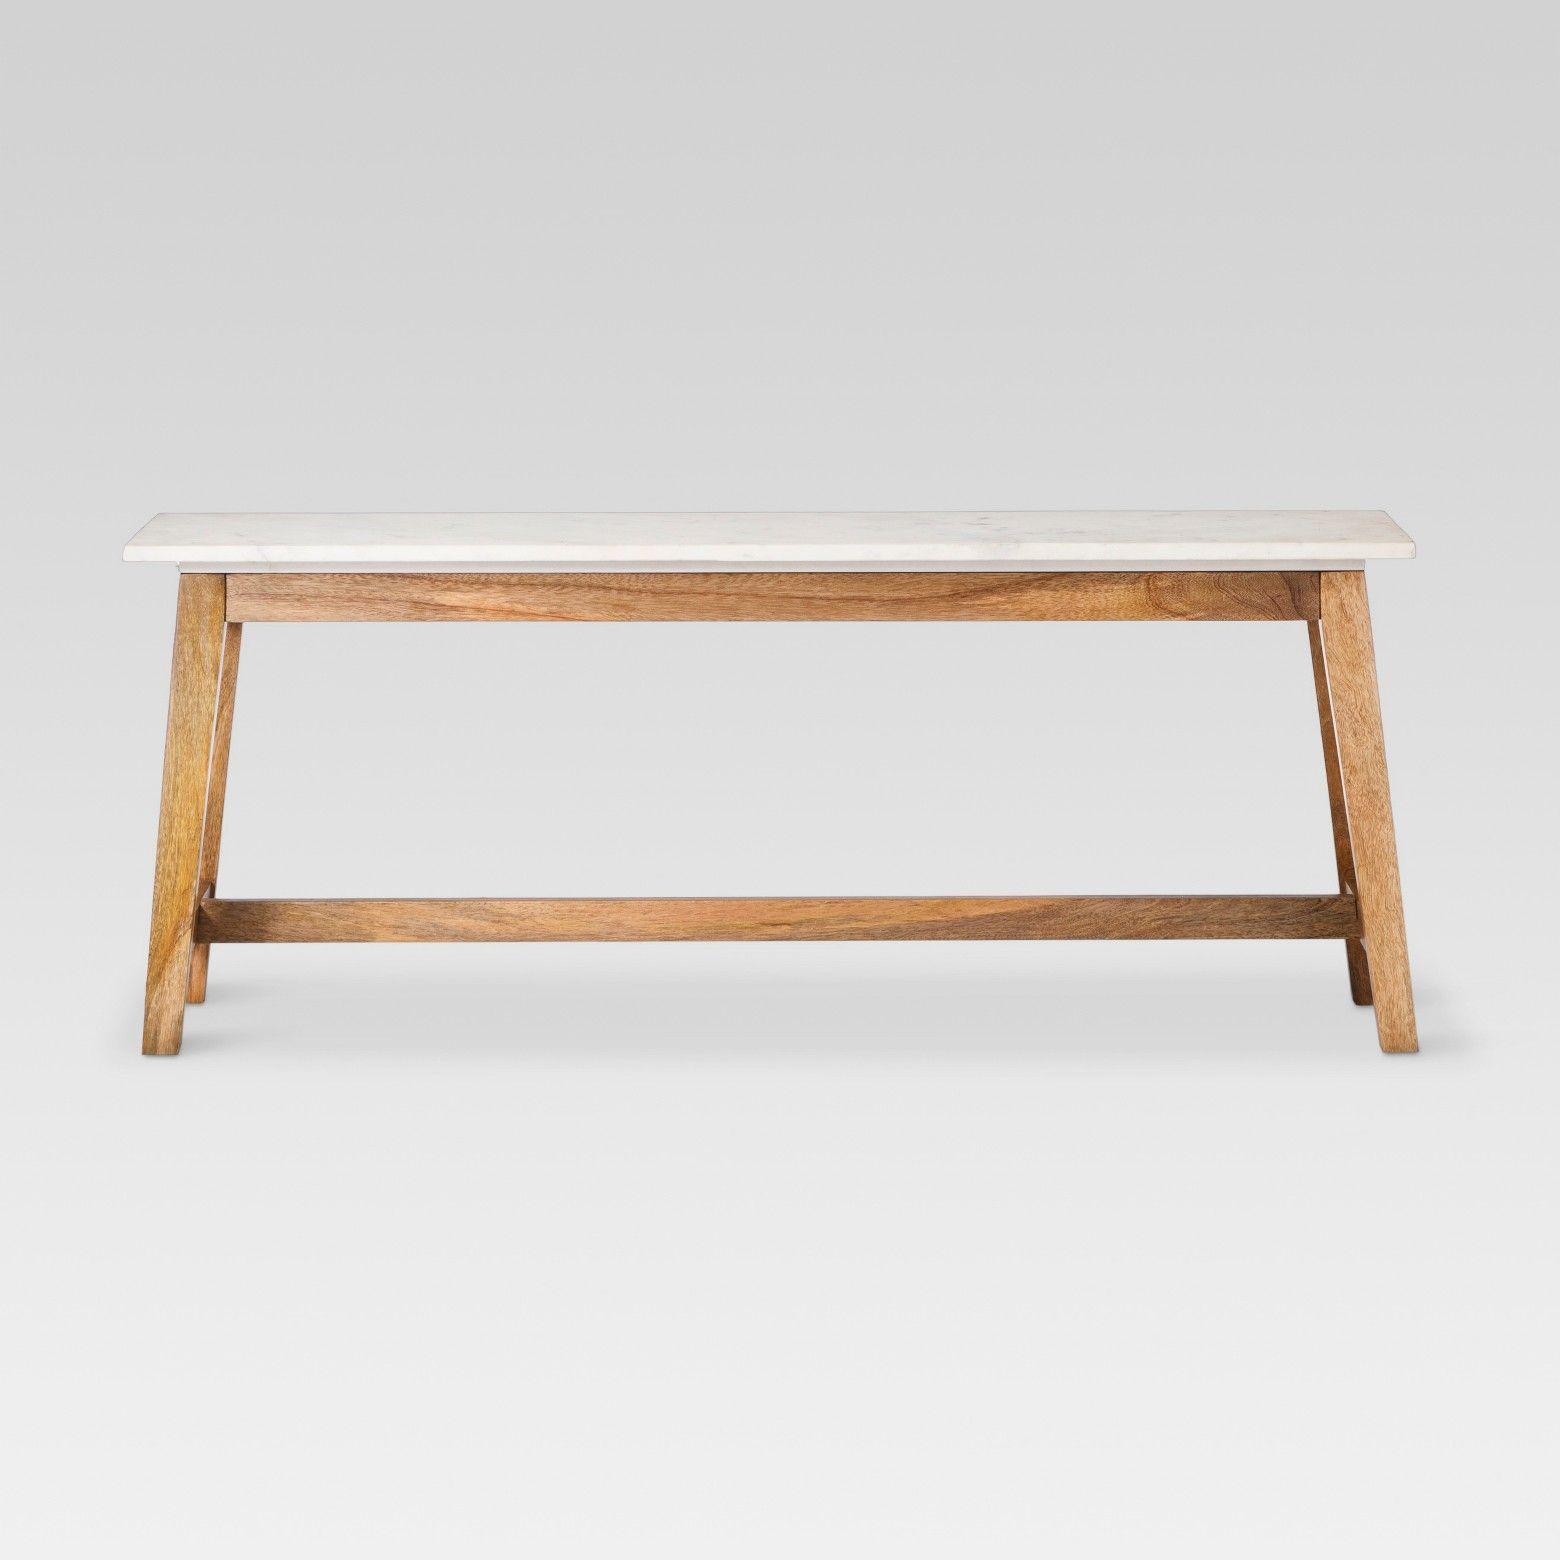 Lanham Coffee Table White Threshold Target Coffee Table White Coffee Table Living Room Coffee Table [ 1560 x 1560 Pixel ]